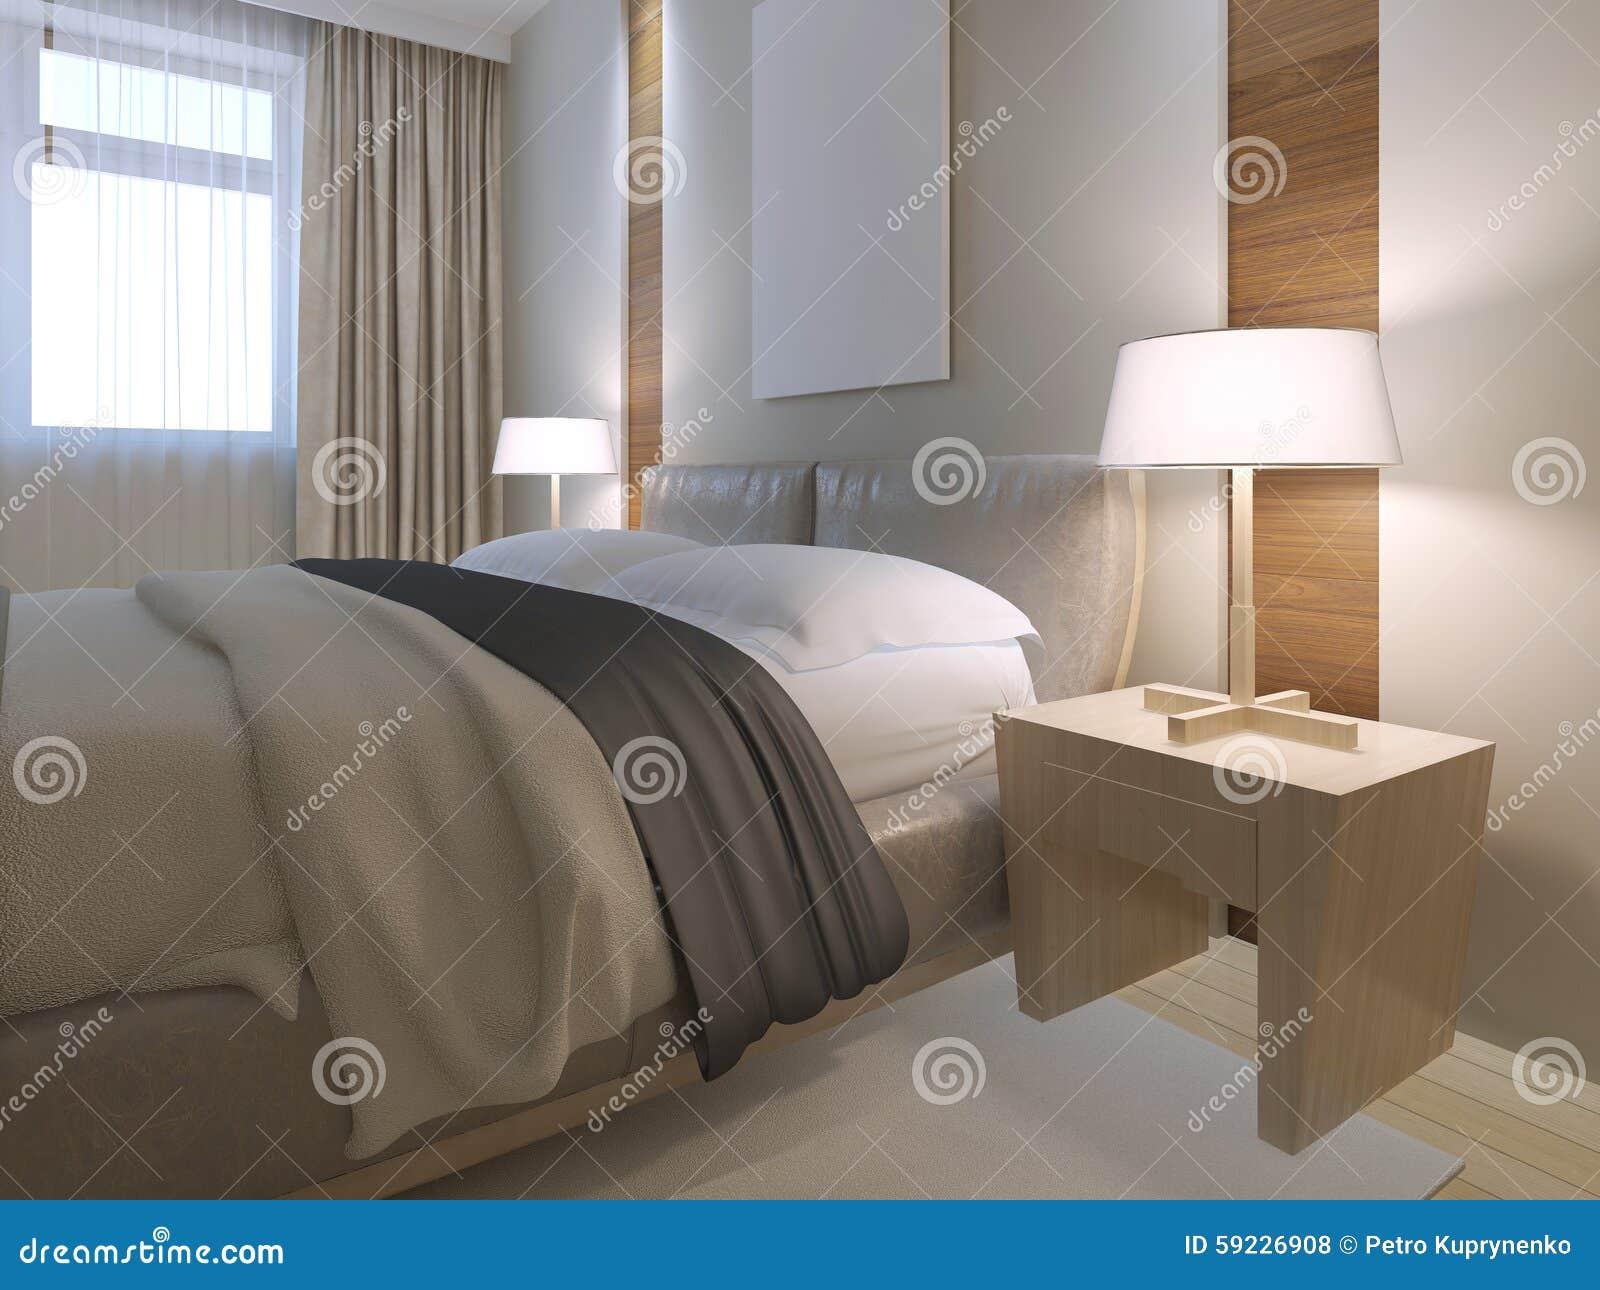 Download Cama Matrimonial En Dormitorio Minimalista Stock de ilustración - Ilustración de dormitorio, lujo: 59226908